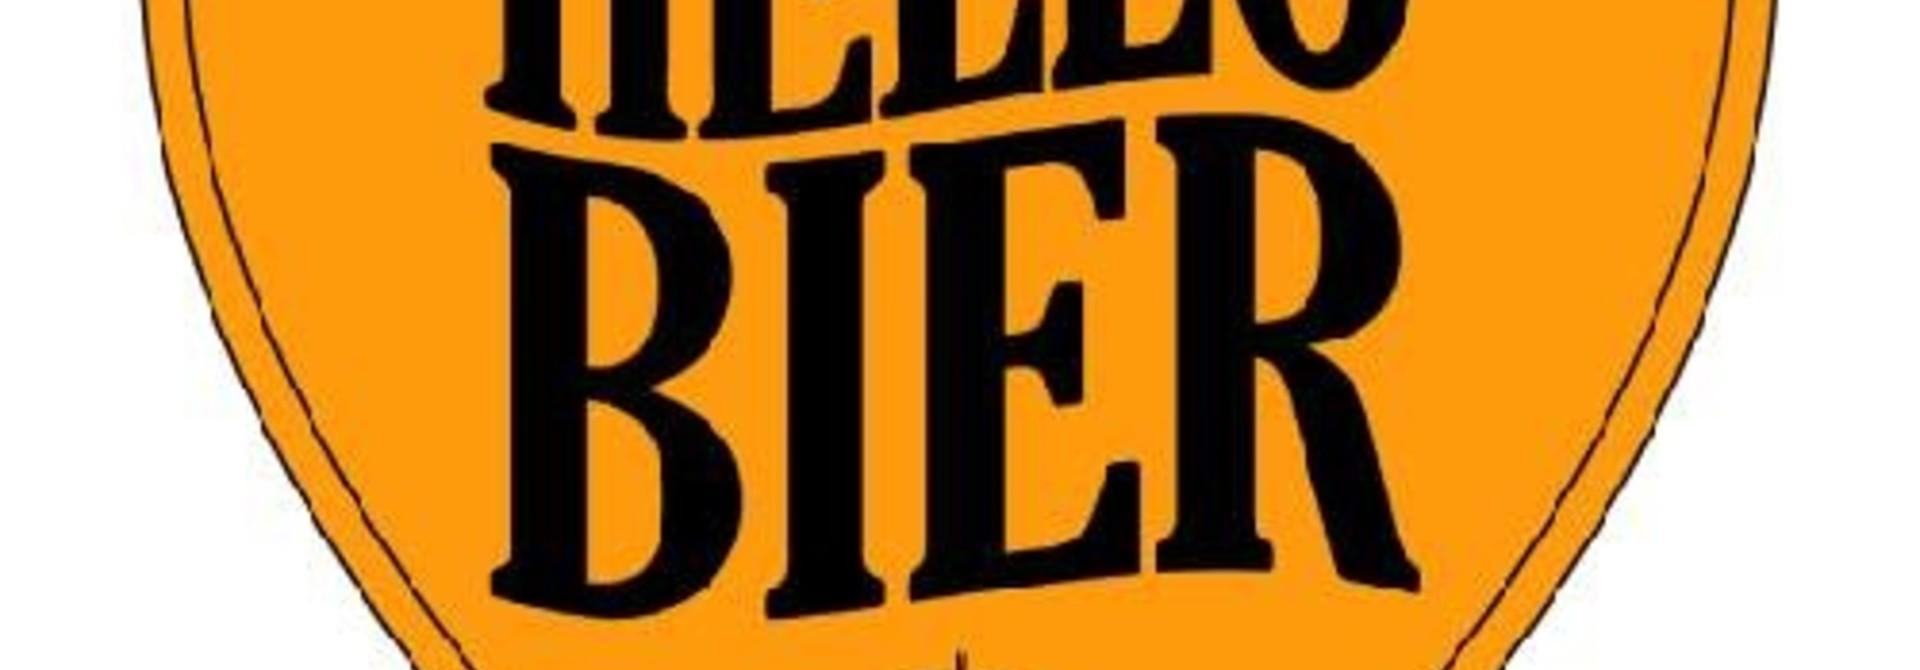 Hellobier bierpakket